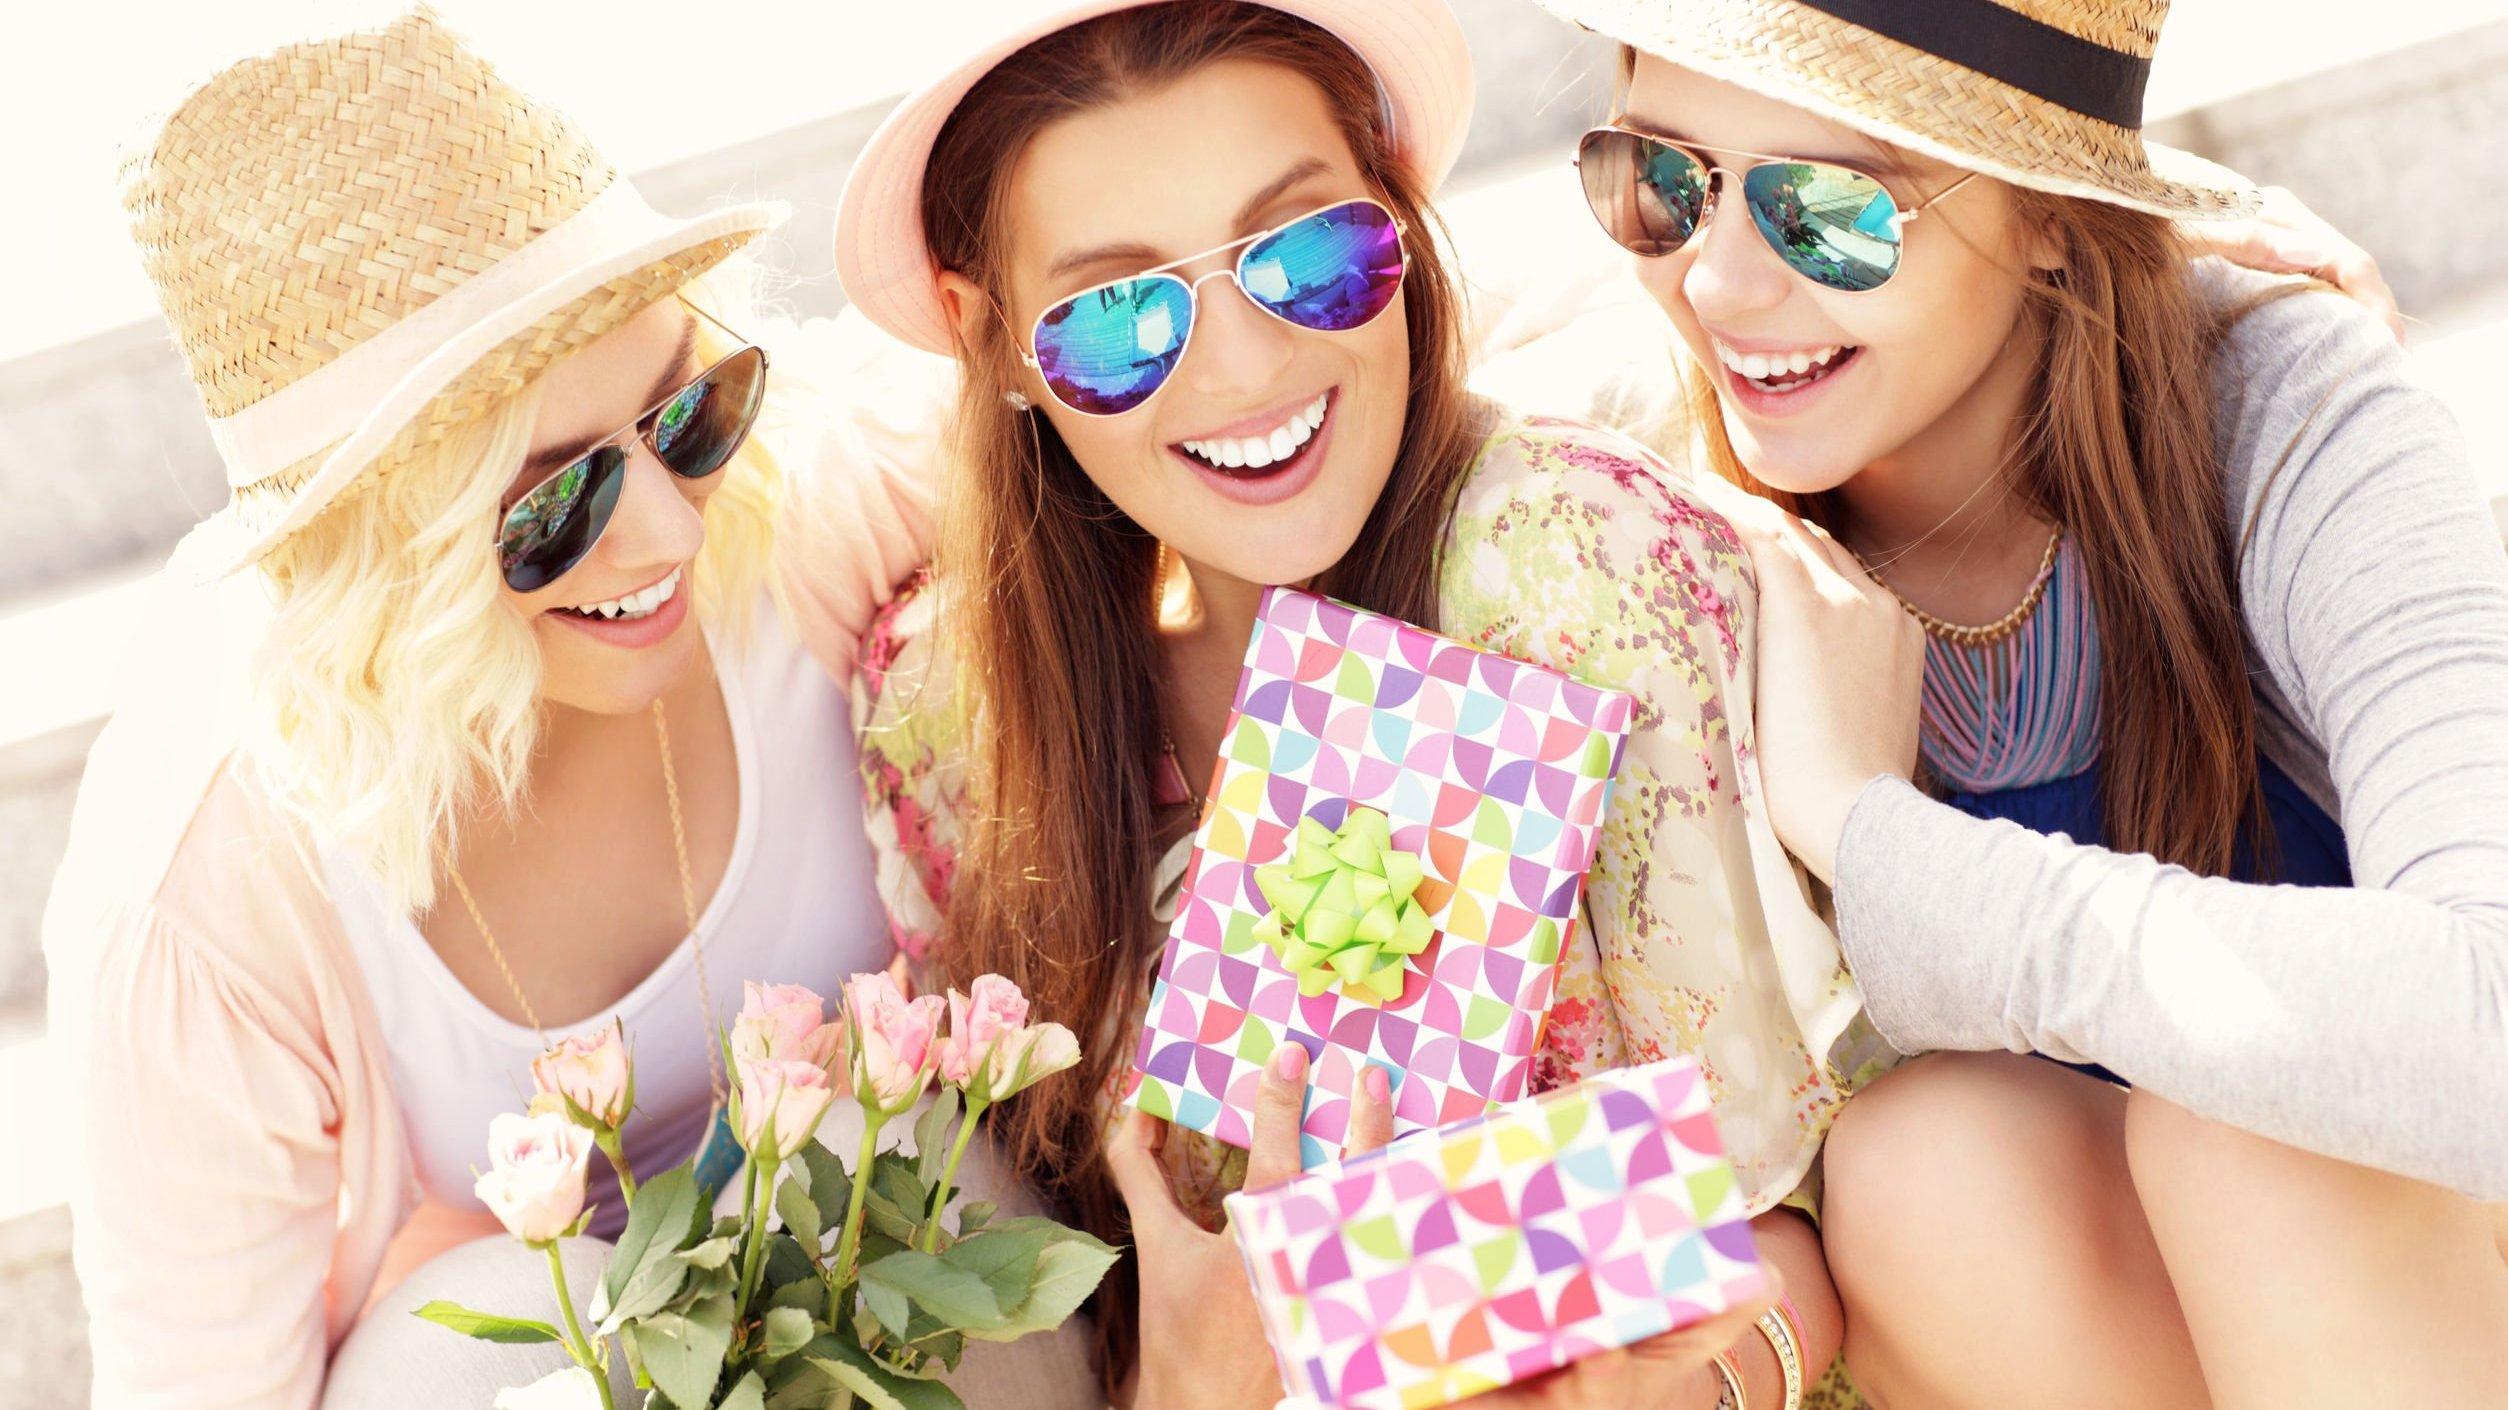 Imagem de mulheres juntas felizes com presente na mão